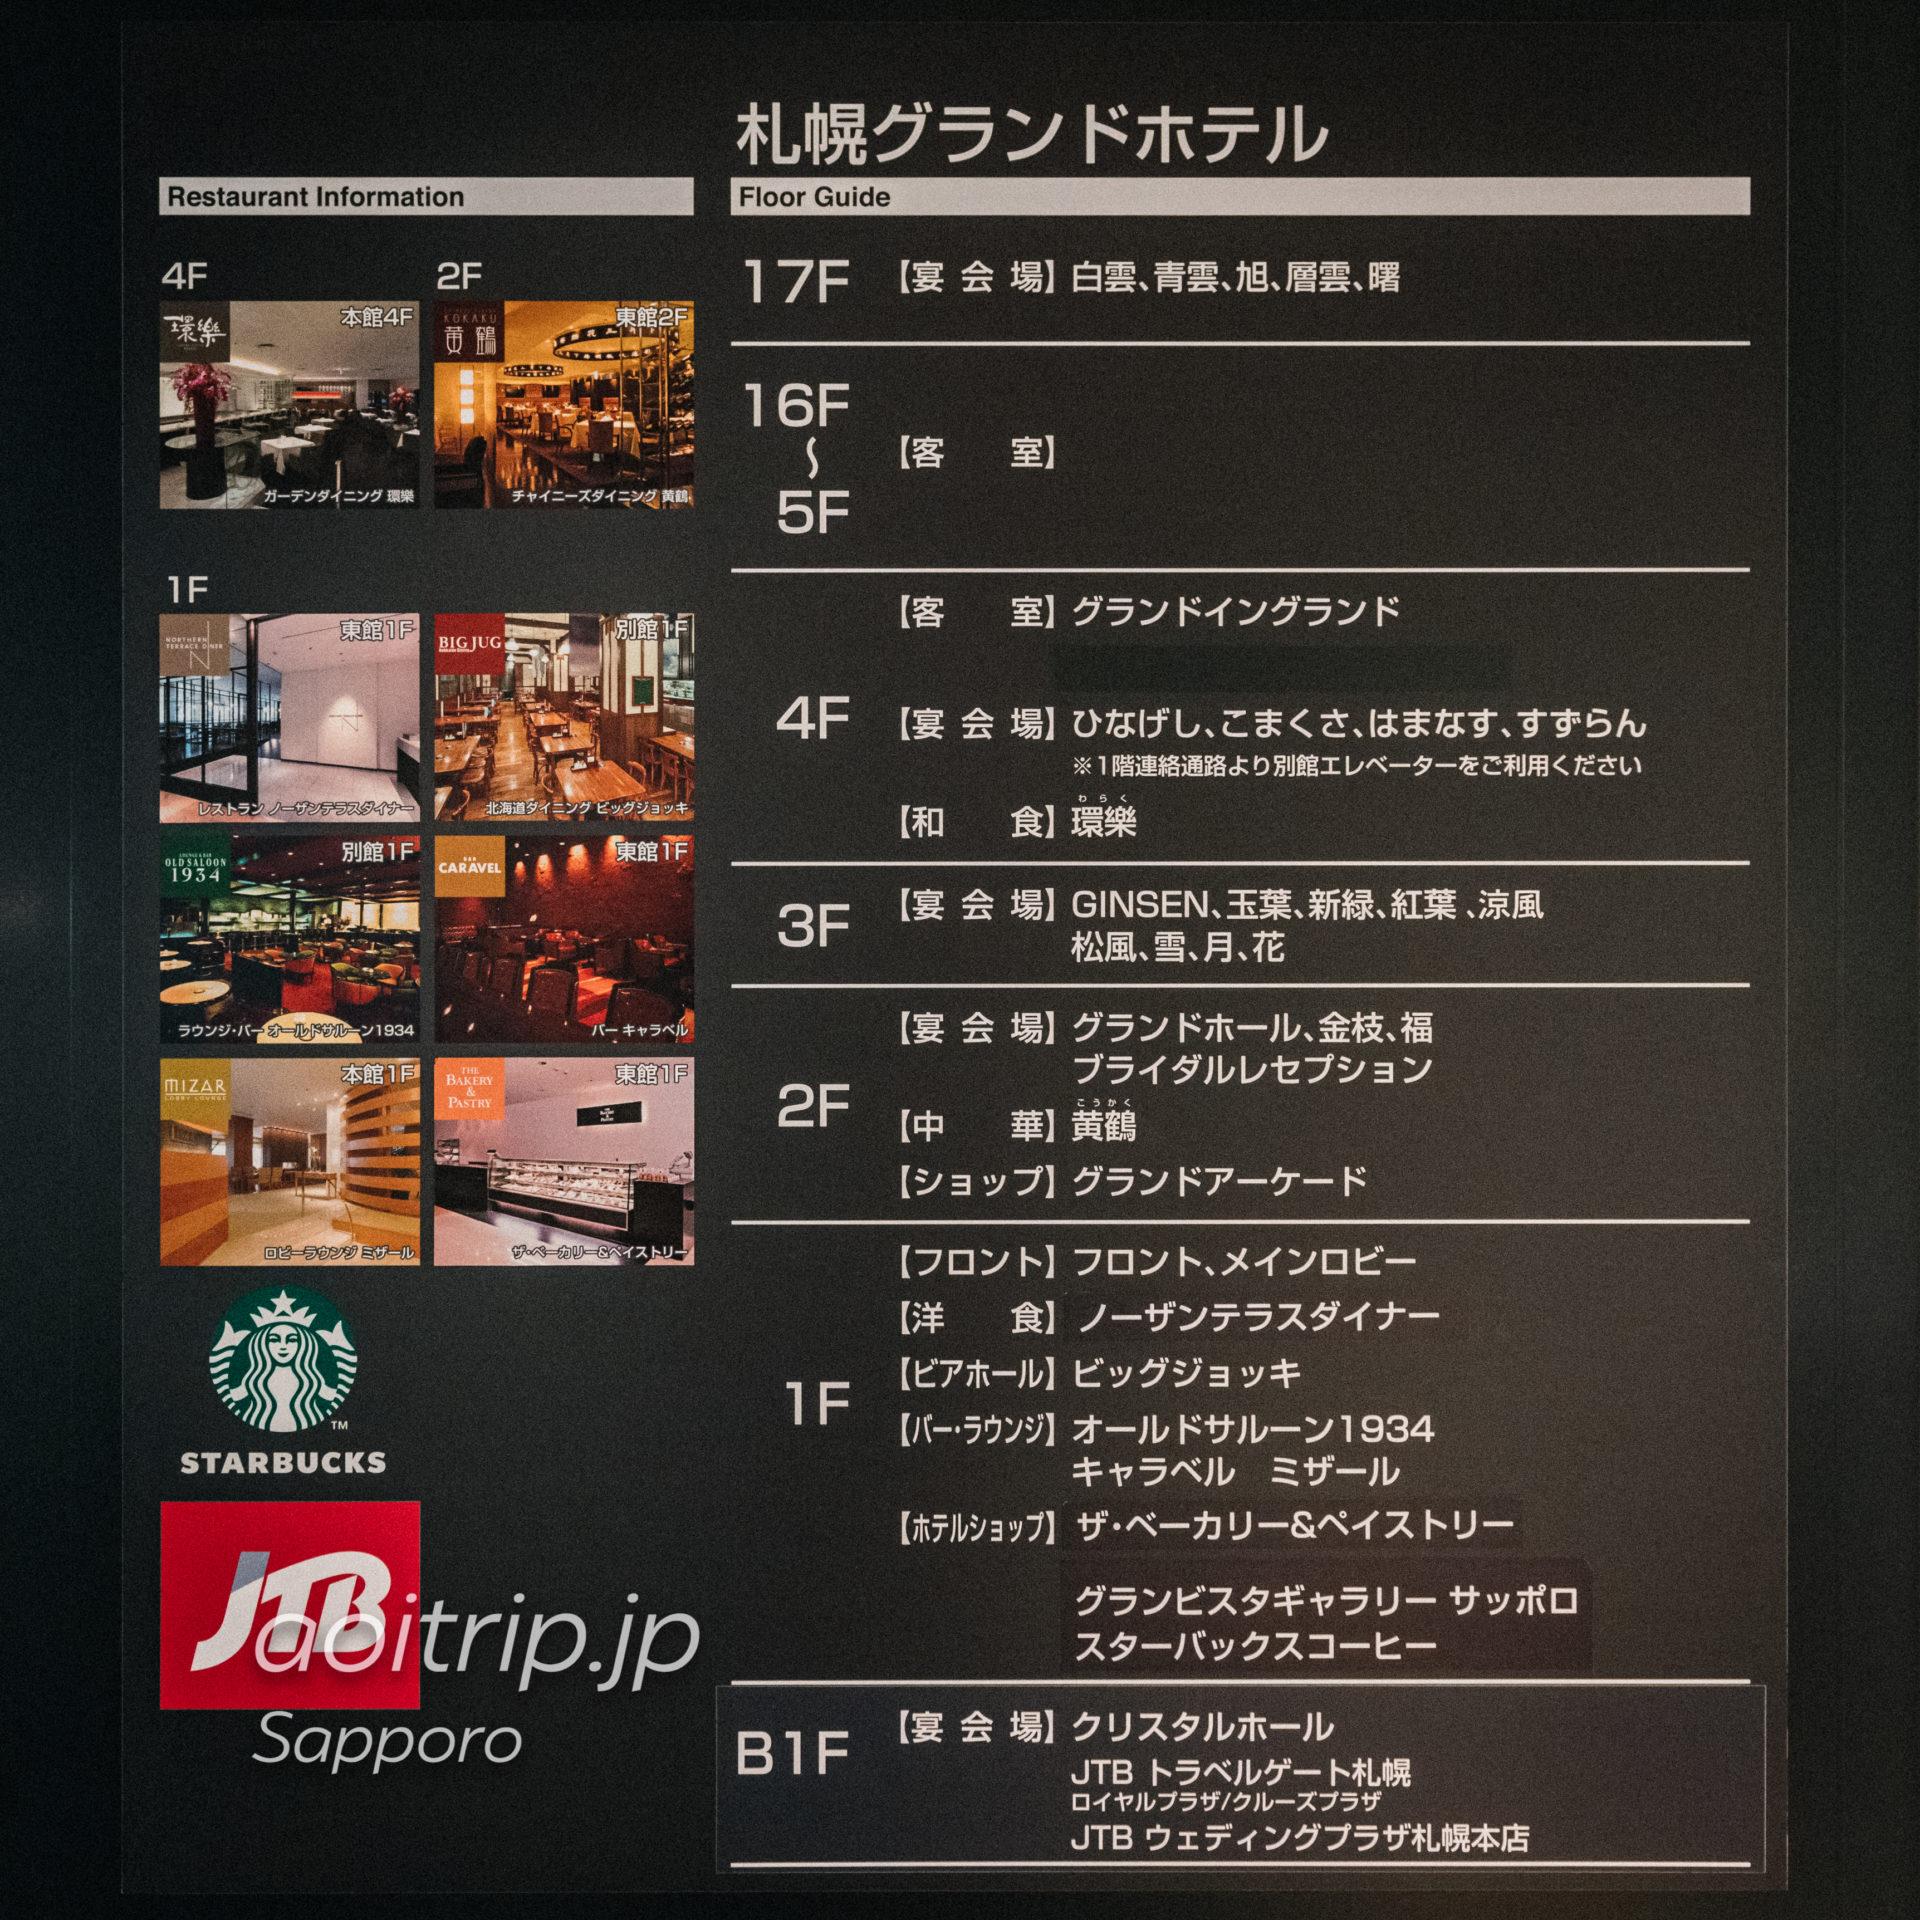 札幌グランドホテルのフロアマップ